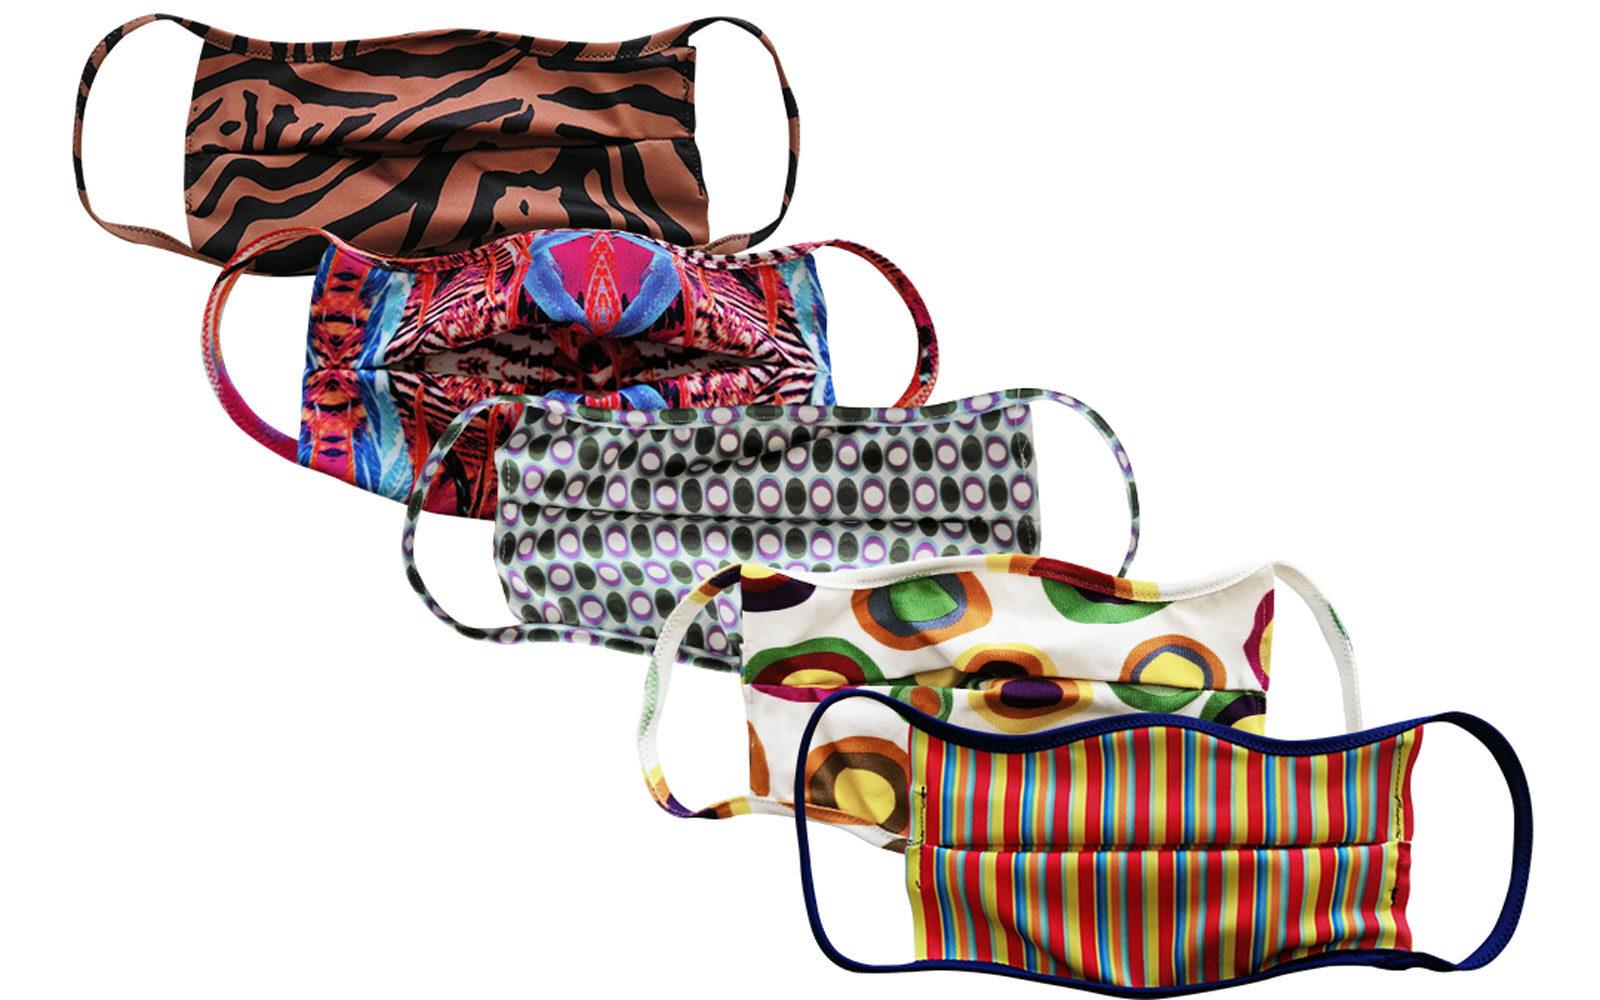 MASKITALIA mascherine in fantasia 35 euro il pacco da 5 www.maskitalia.it